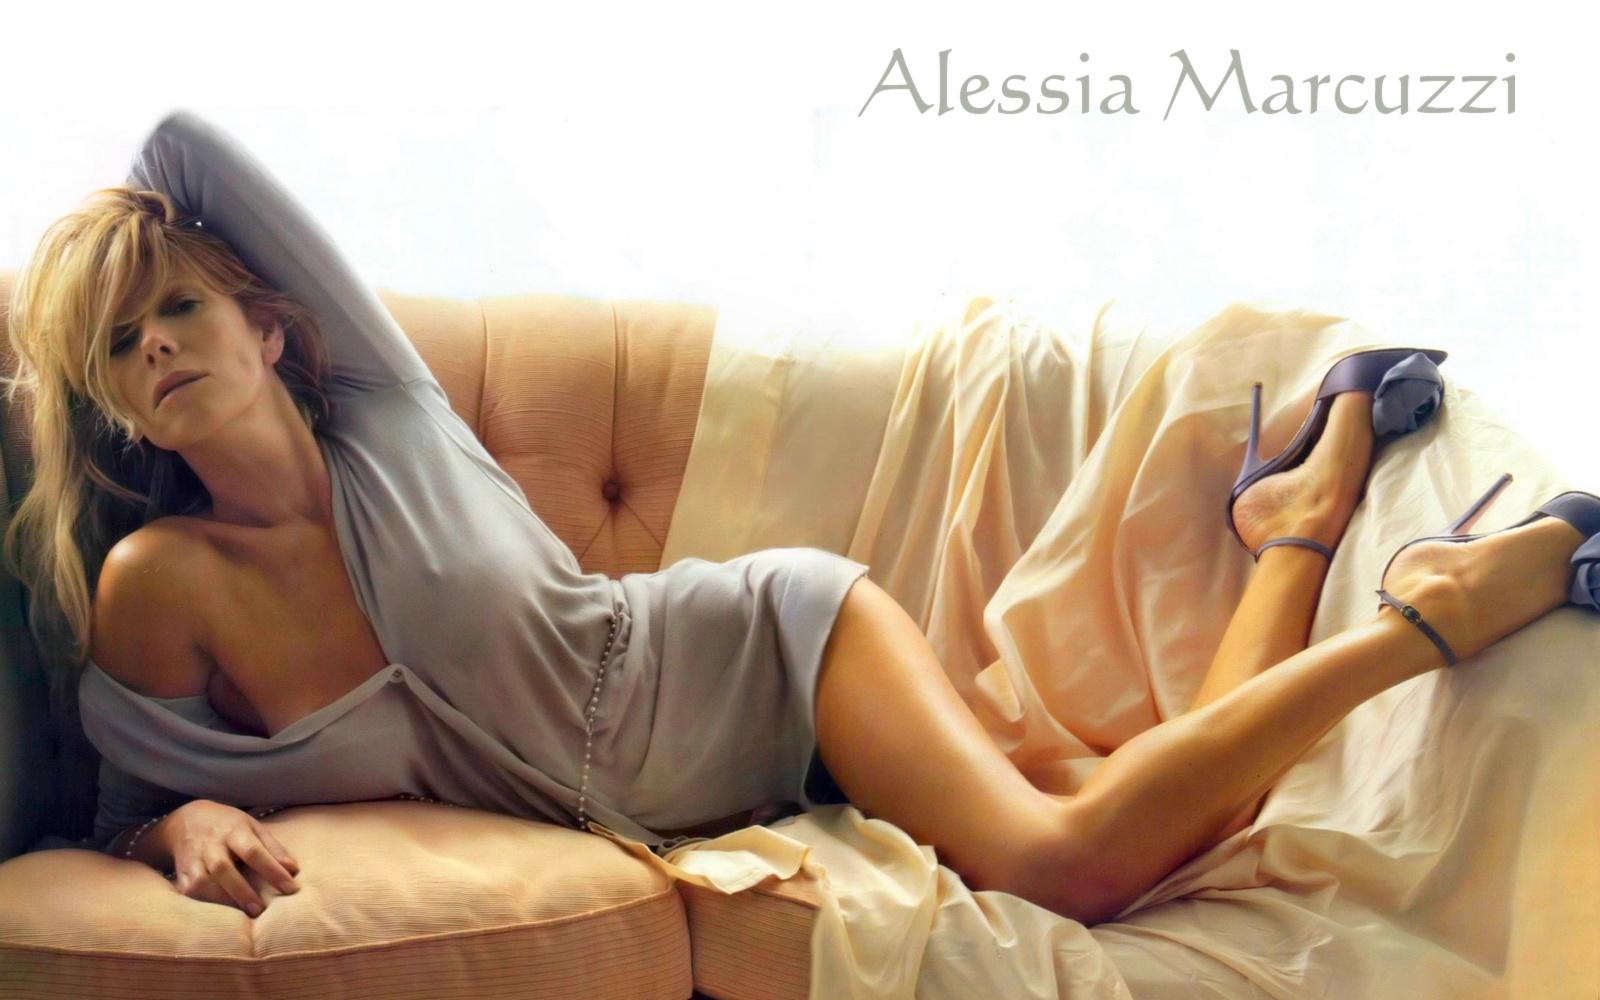 Alessia Marcuzzi Wallpaper